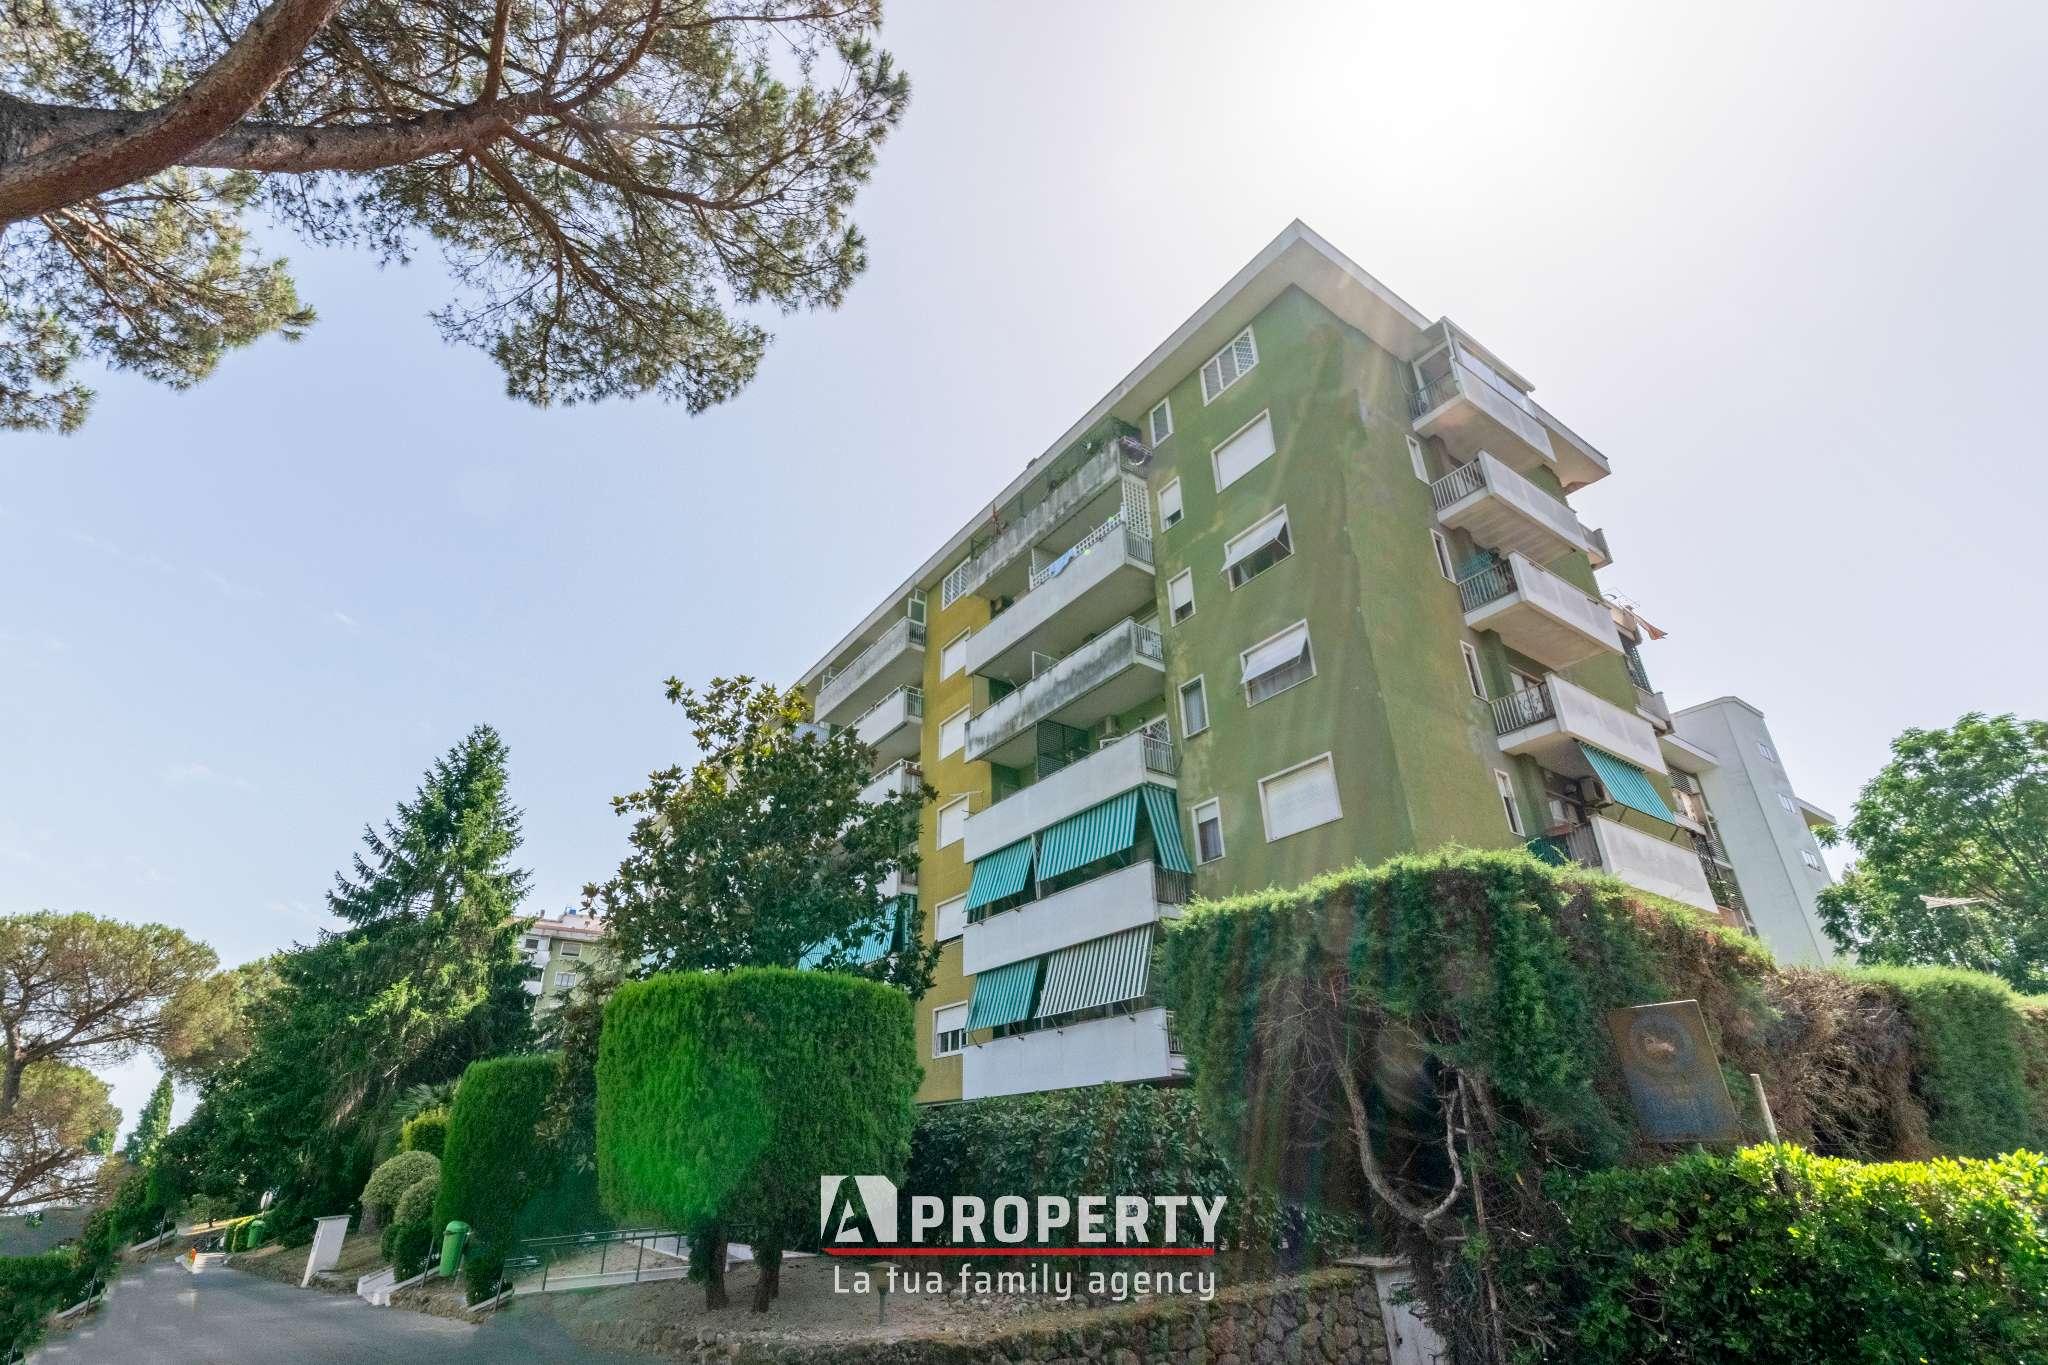 Appartamento in vendita a Roma, 2 locali, zona Zona: 41 . Castel di Guido - Casalotti - Valle Santa, prezzo € 125.000 | CambioCasa.it